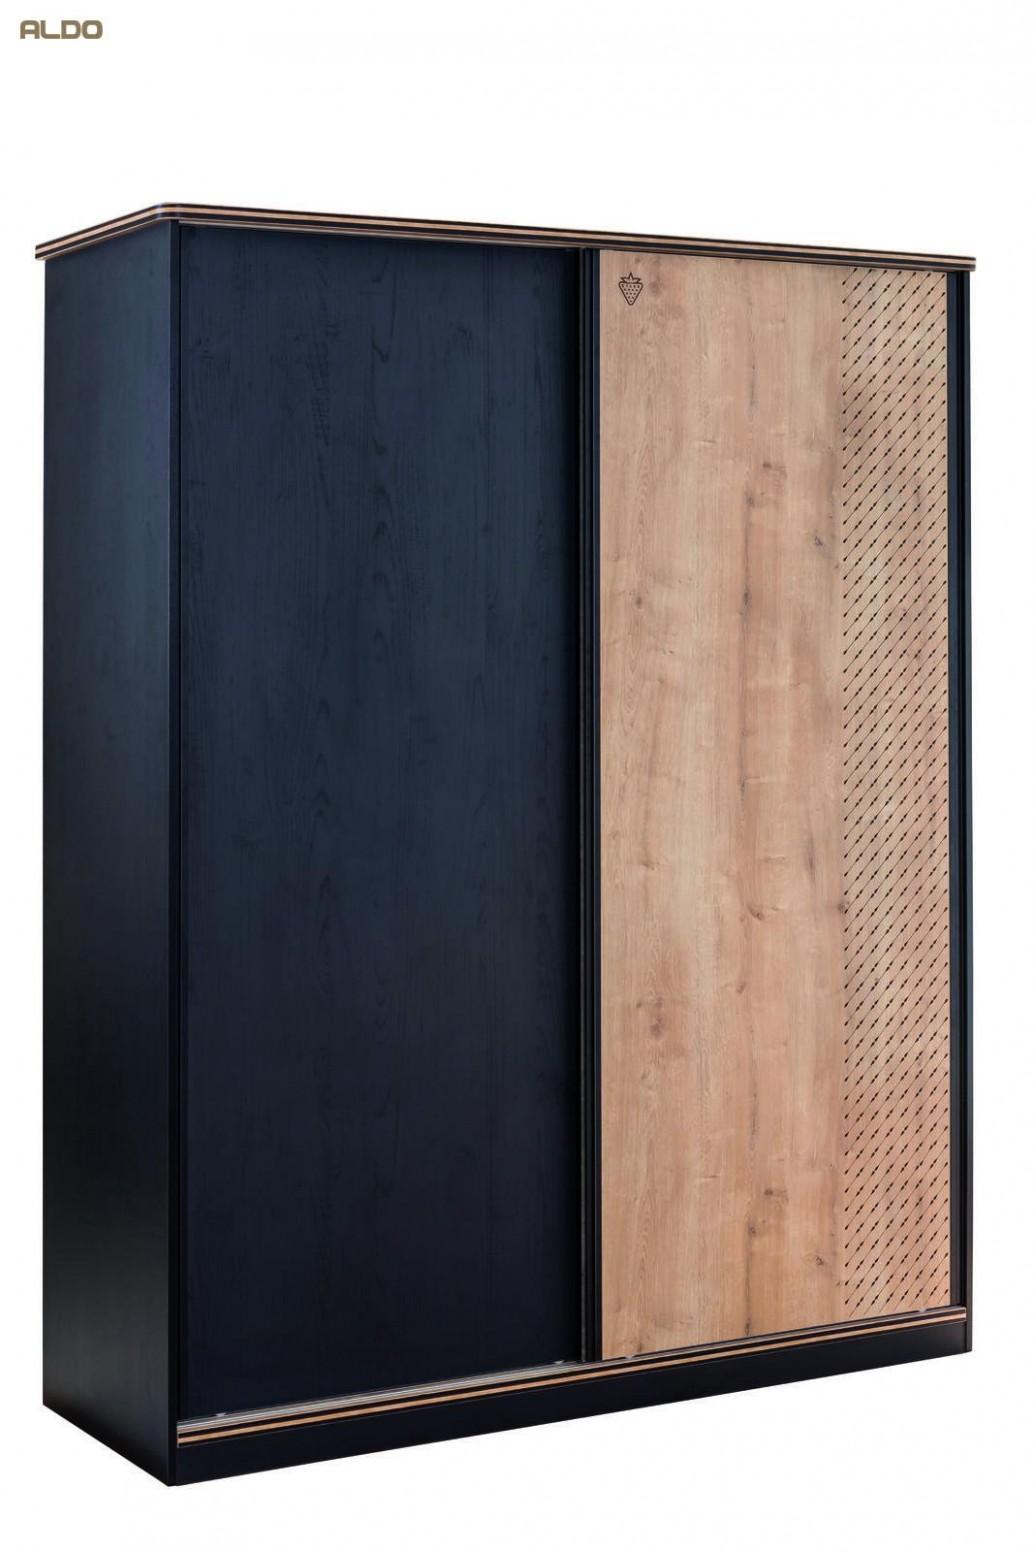 Prostorná šatní skříň s posuvnými dveřmi Black   Nábytek Aldo